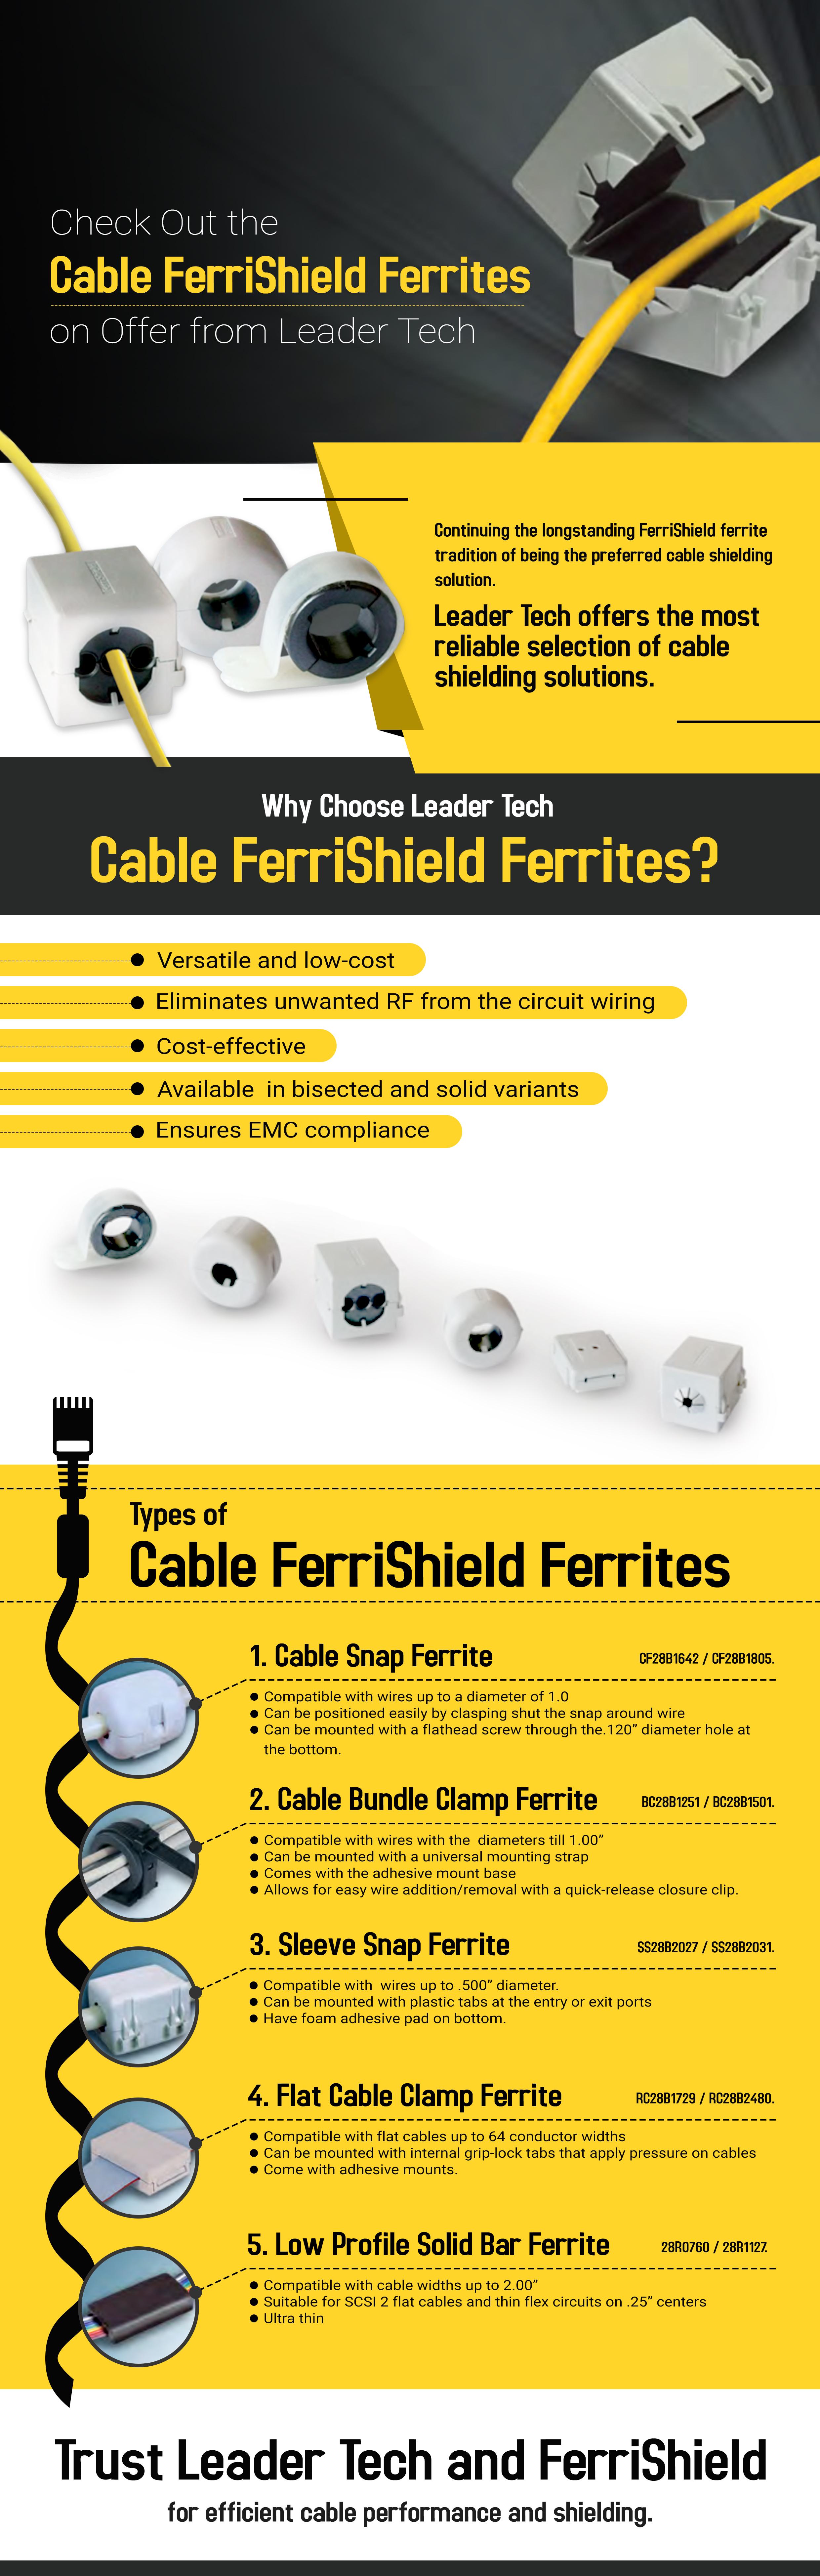 Cable FerriShield Ferrites